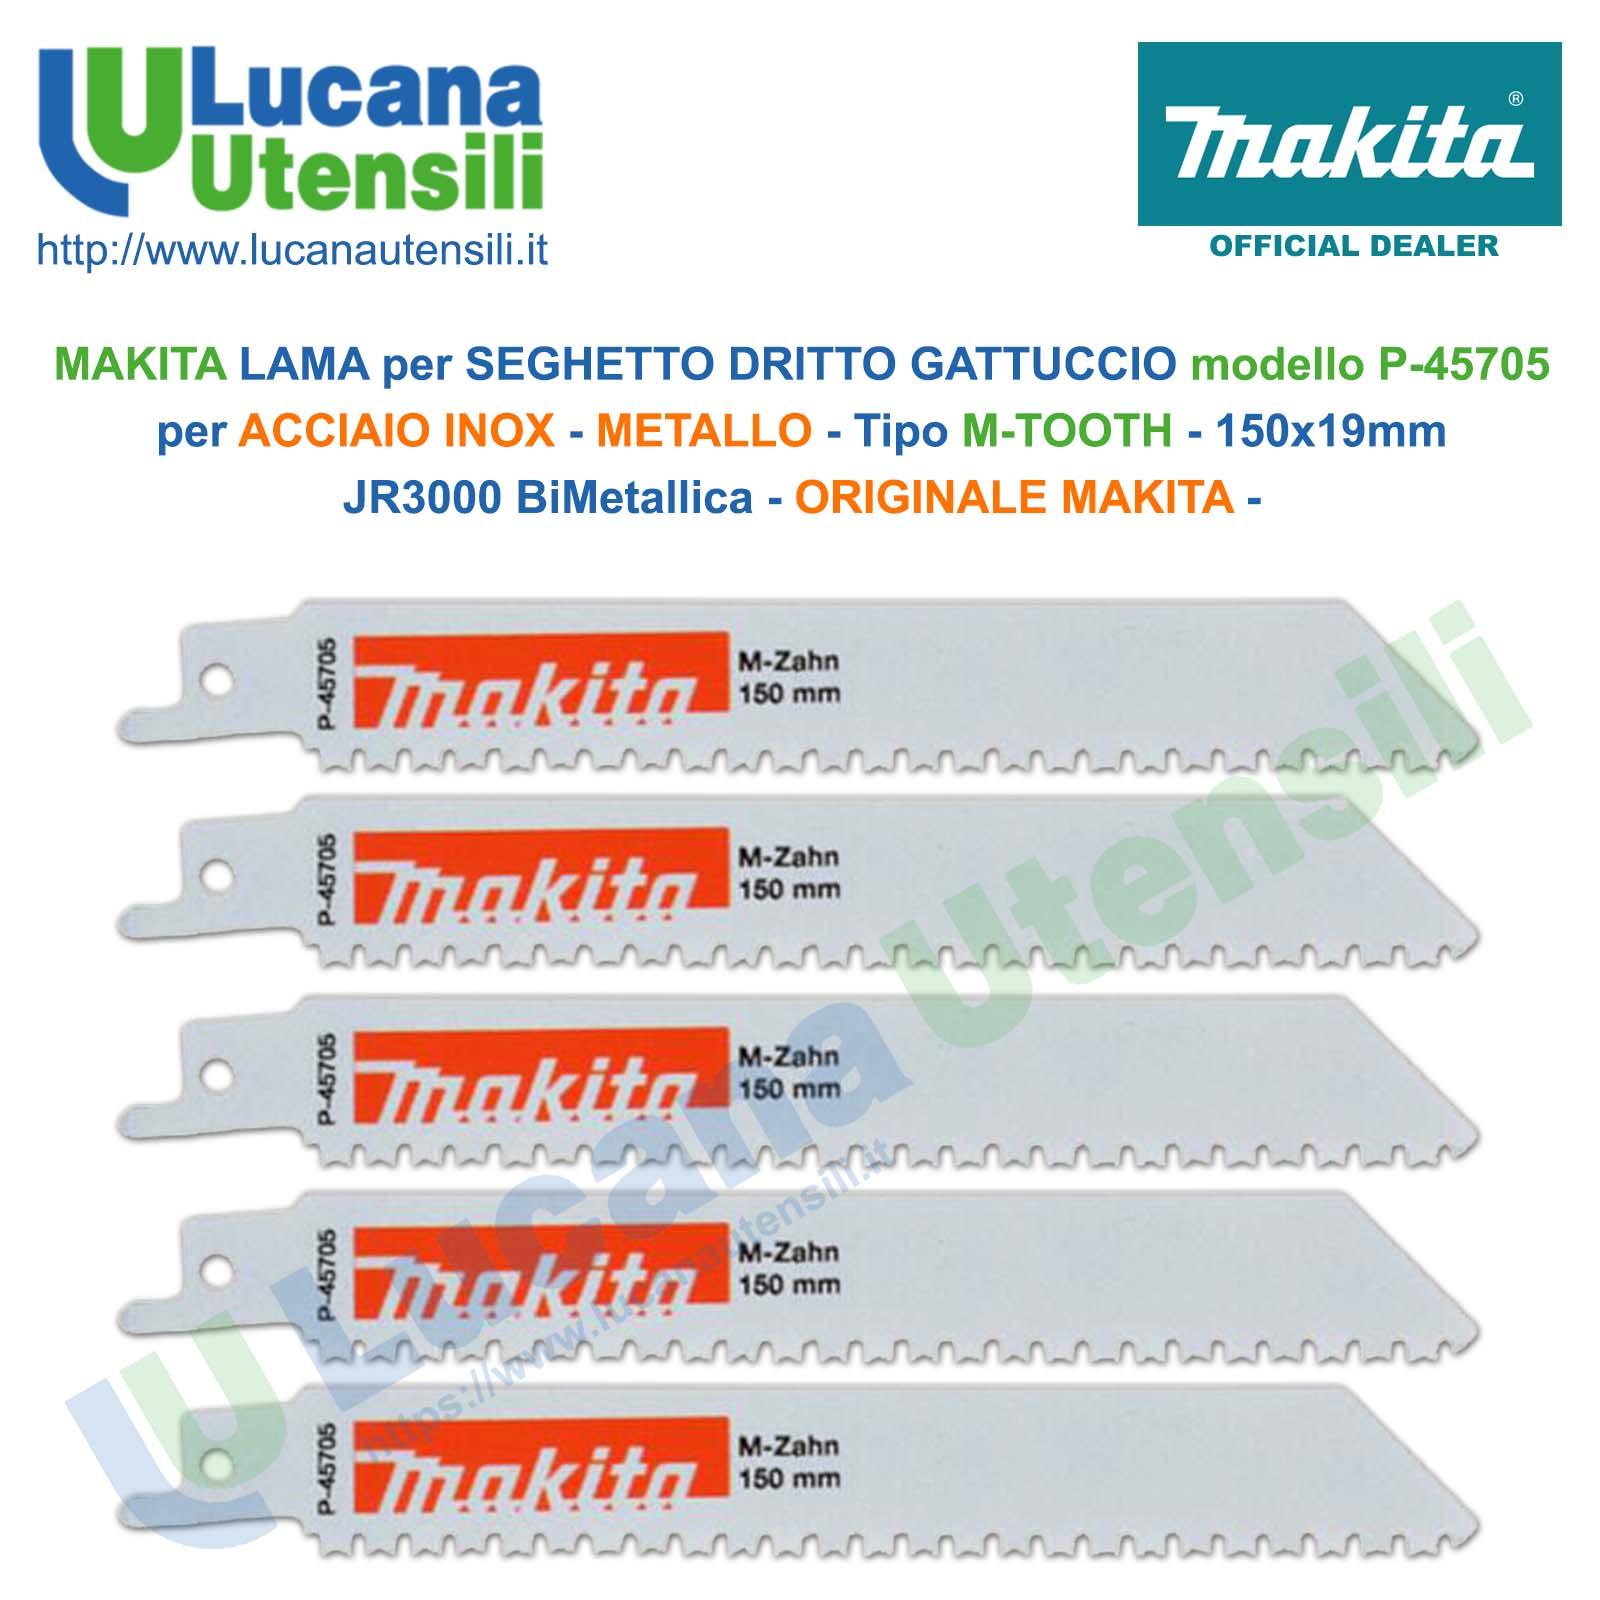 MAKITA LAME x SEGHETTO DRITTO GATTUCCIO 5 PEZZI mod P-45705 150x19mm per METALLO